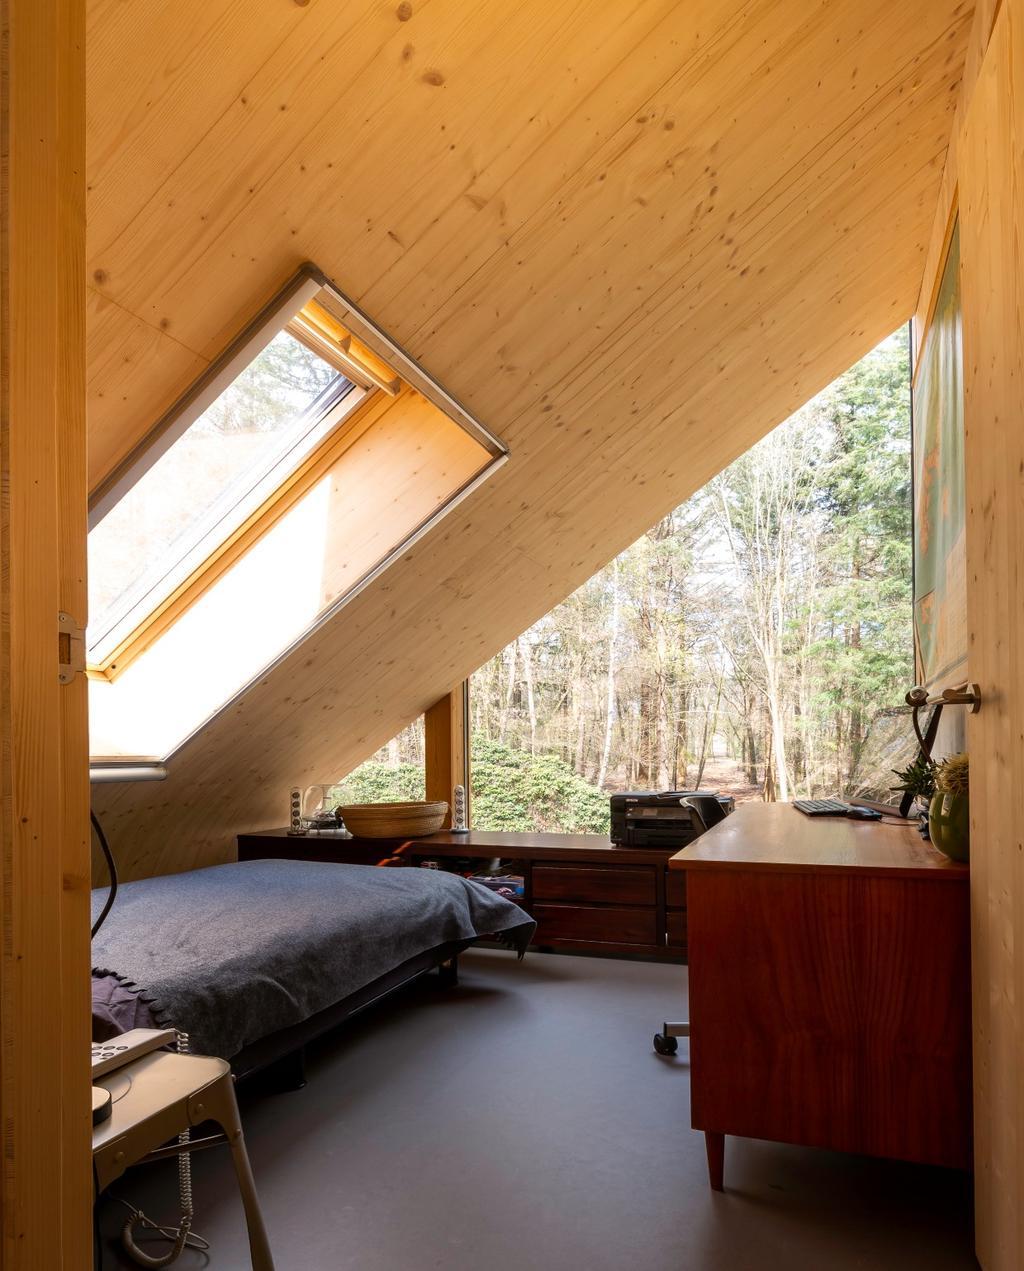 vtwonen 08-2020 | binnenkijken Barchem slaapkamer met schuin dak